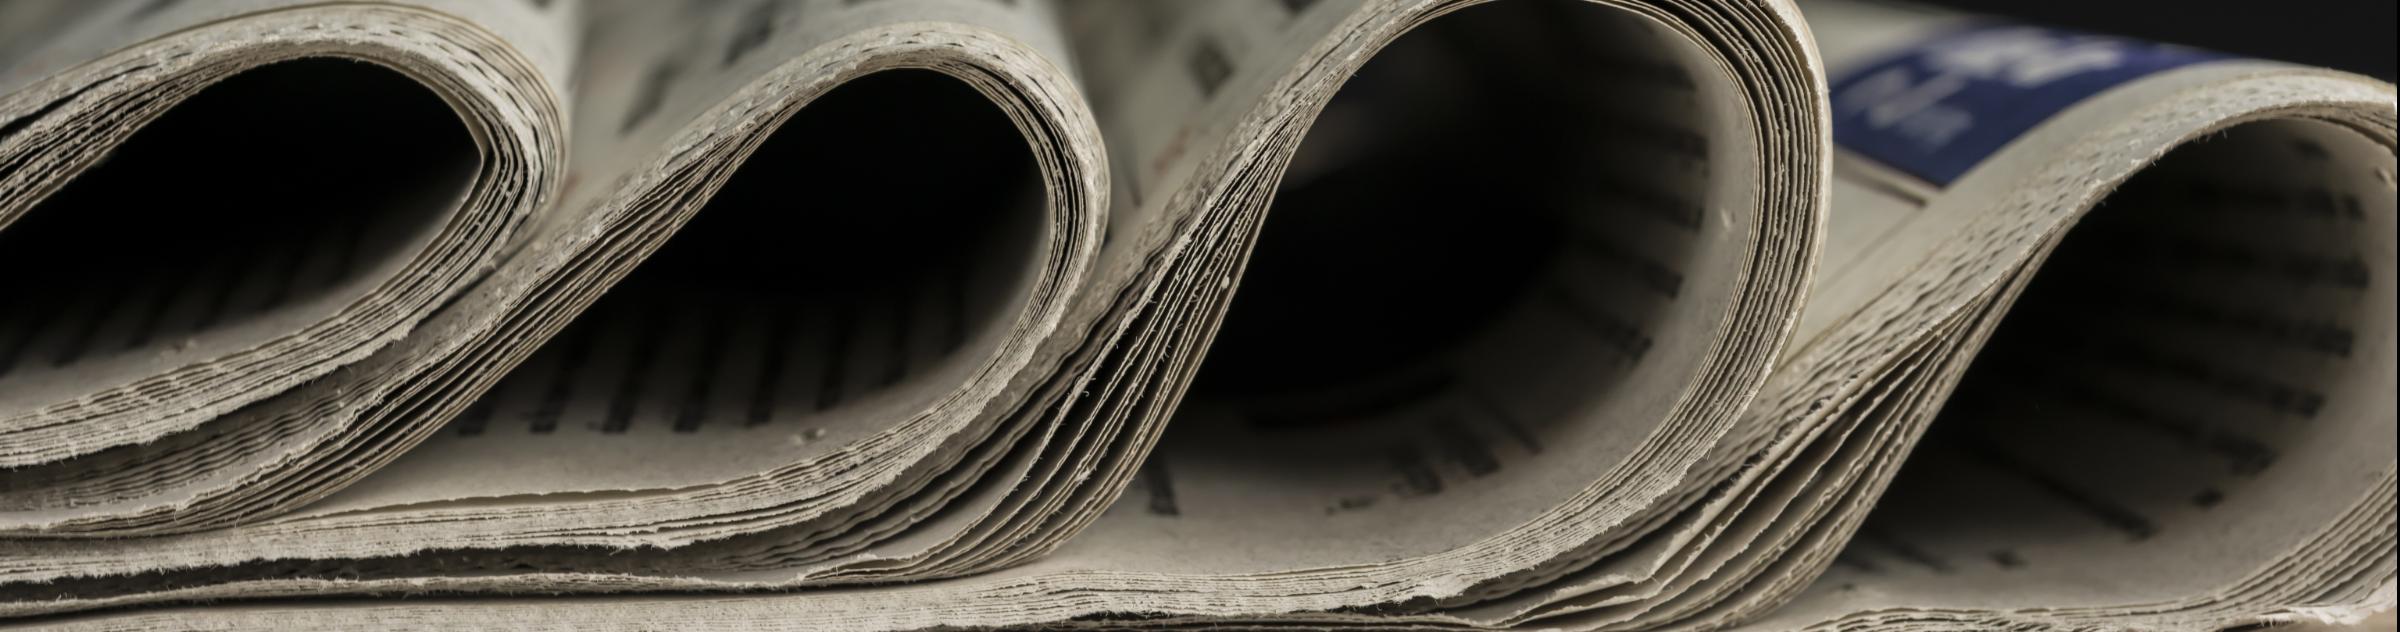 news_sized